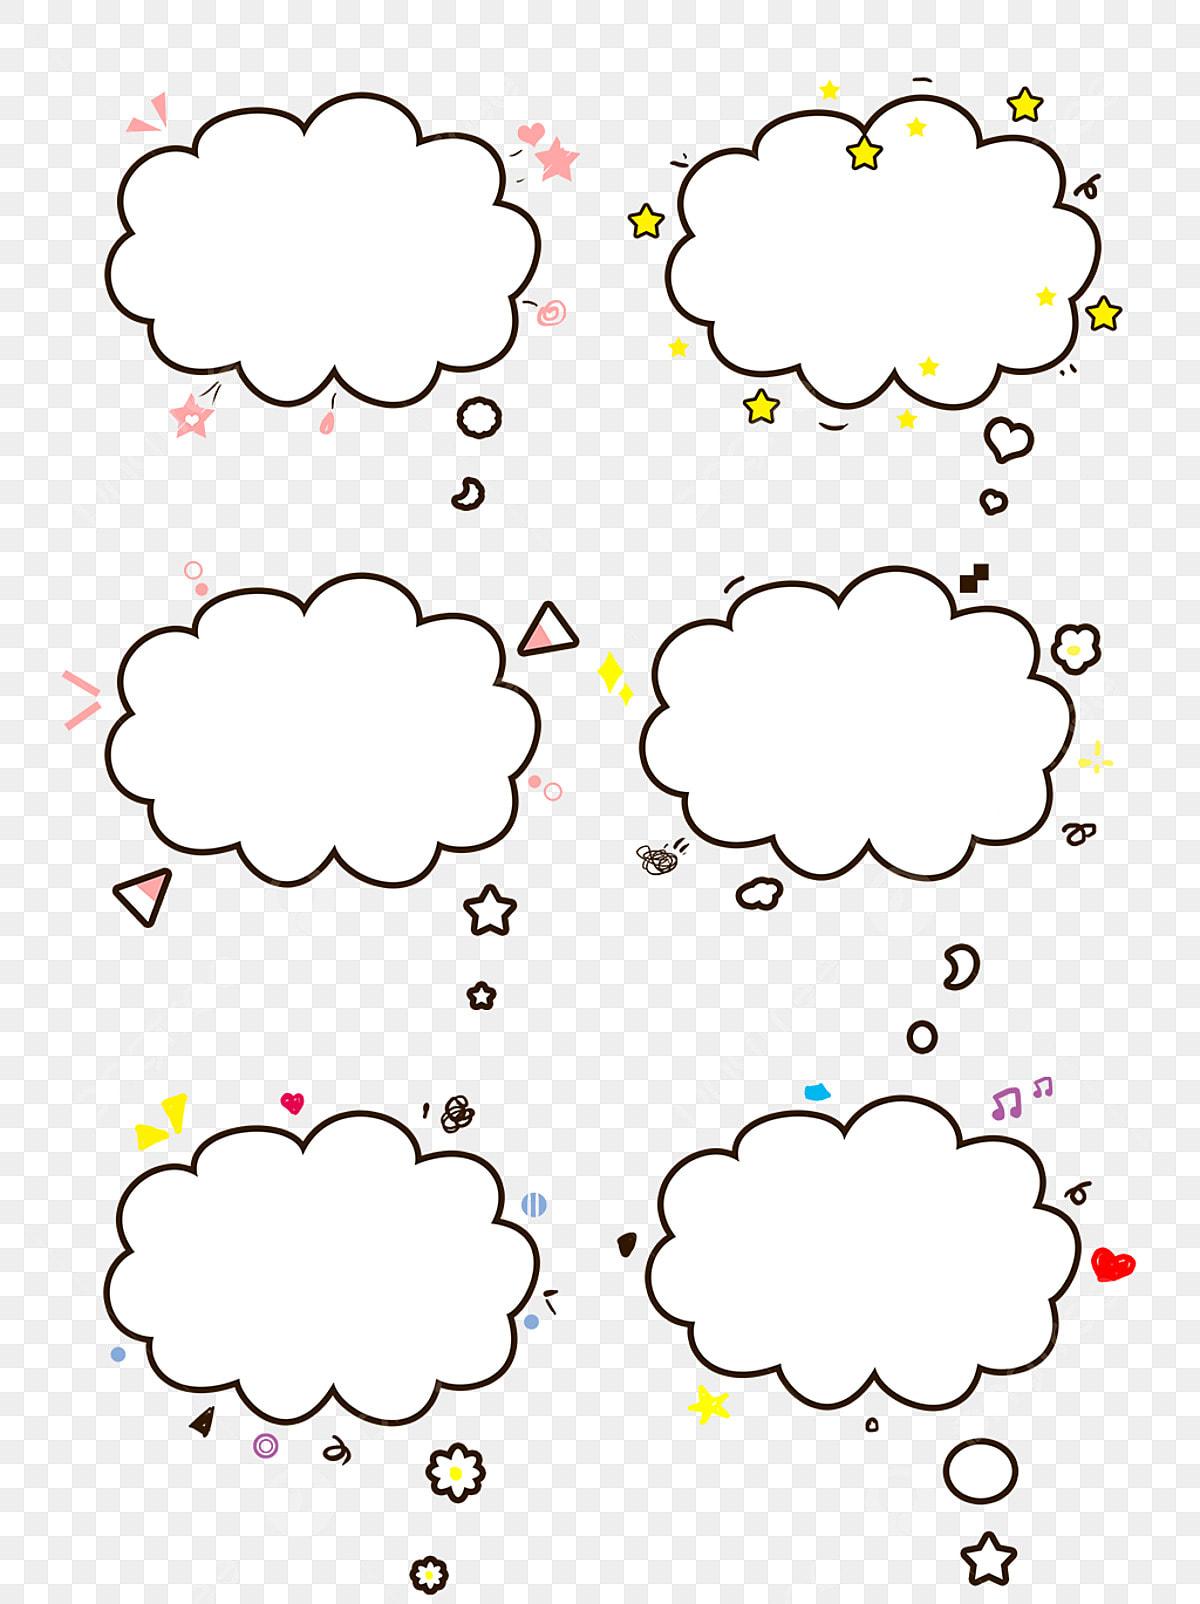 gambar elemen dialog sempadan awan putih comel kartun kartun comel awan png dan psd untuk muat turun percuma https ms pngtree com freepng cartoon cute white cloud border dialog element 4393196 html